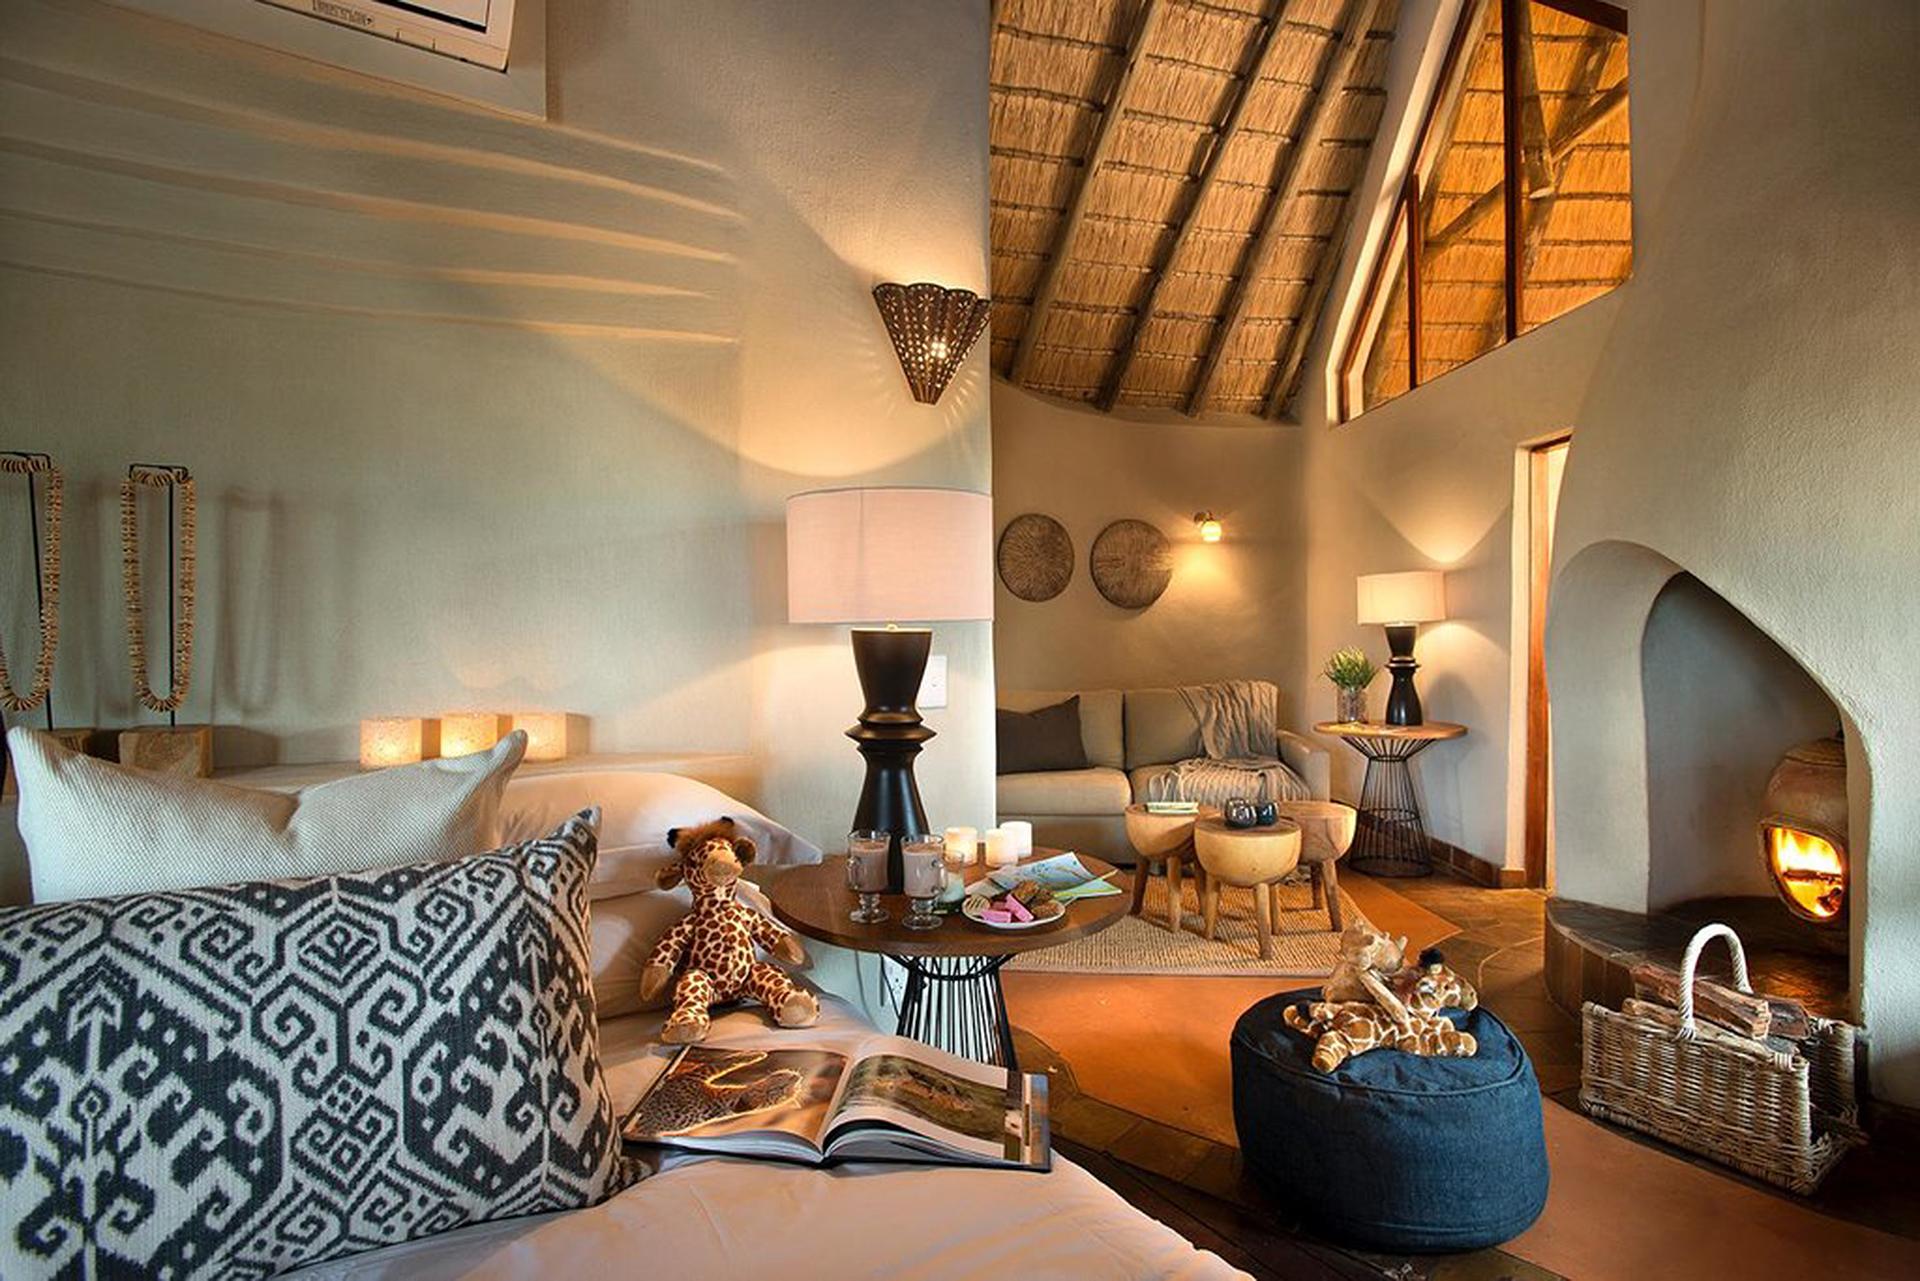 Photo Courtesy of Madikwe Safari Lodge